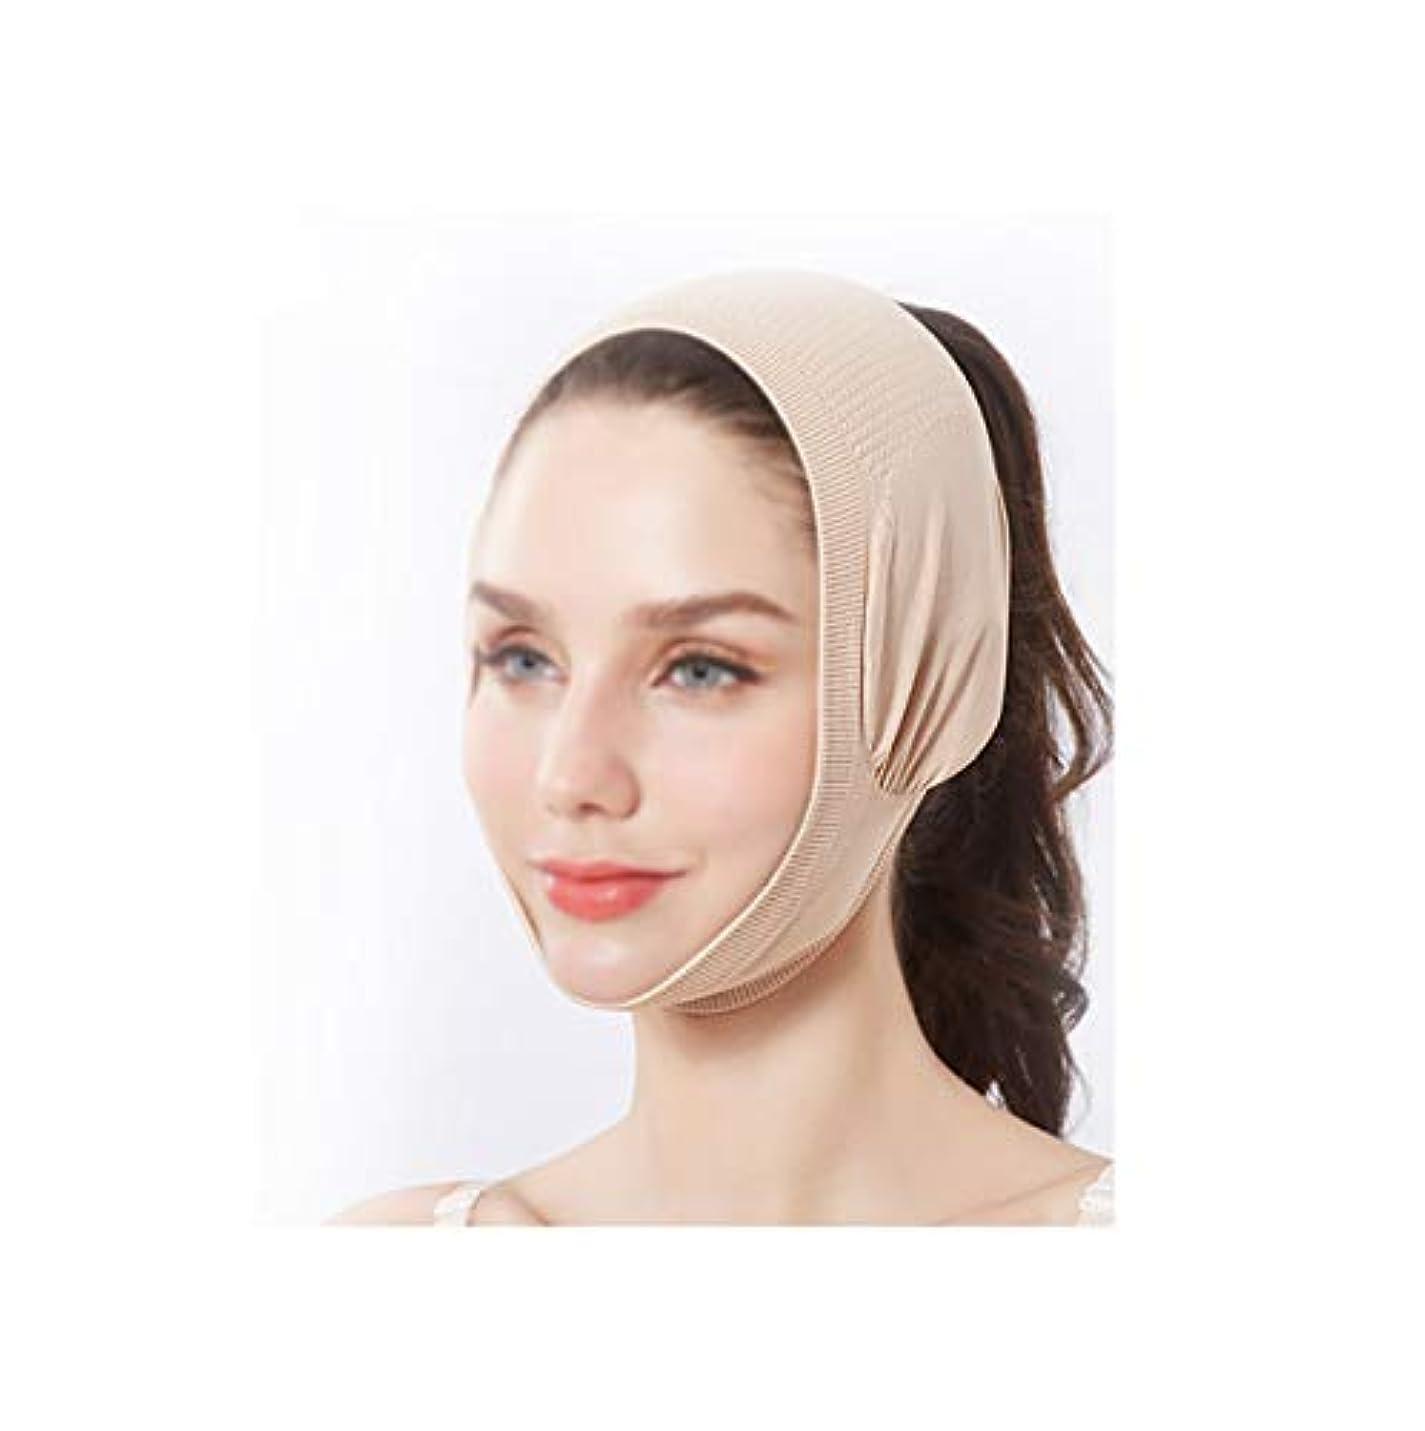 カヌーチャンピオンシップクスコTLMY フェイスリフトマスクマスクエクステンション強度フェースレス包帯フェイシャルラージVライン彫刻フェイシャルバックカバーネックバンド 顔用整形マスク (Color : Skin tone)